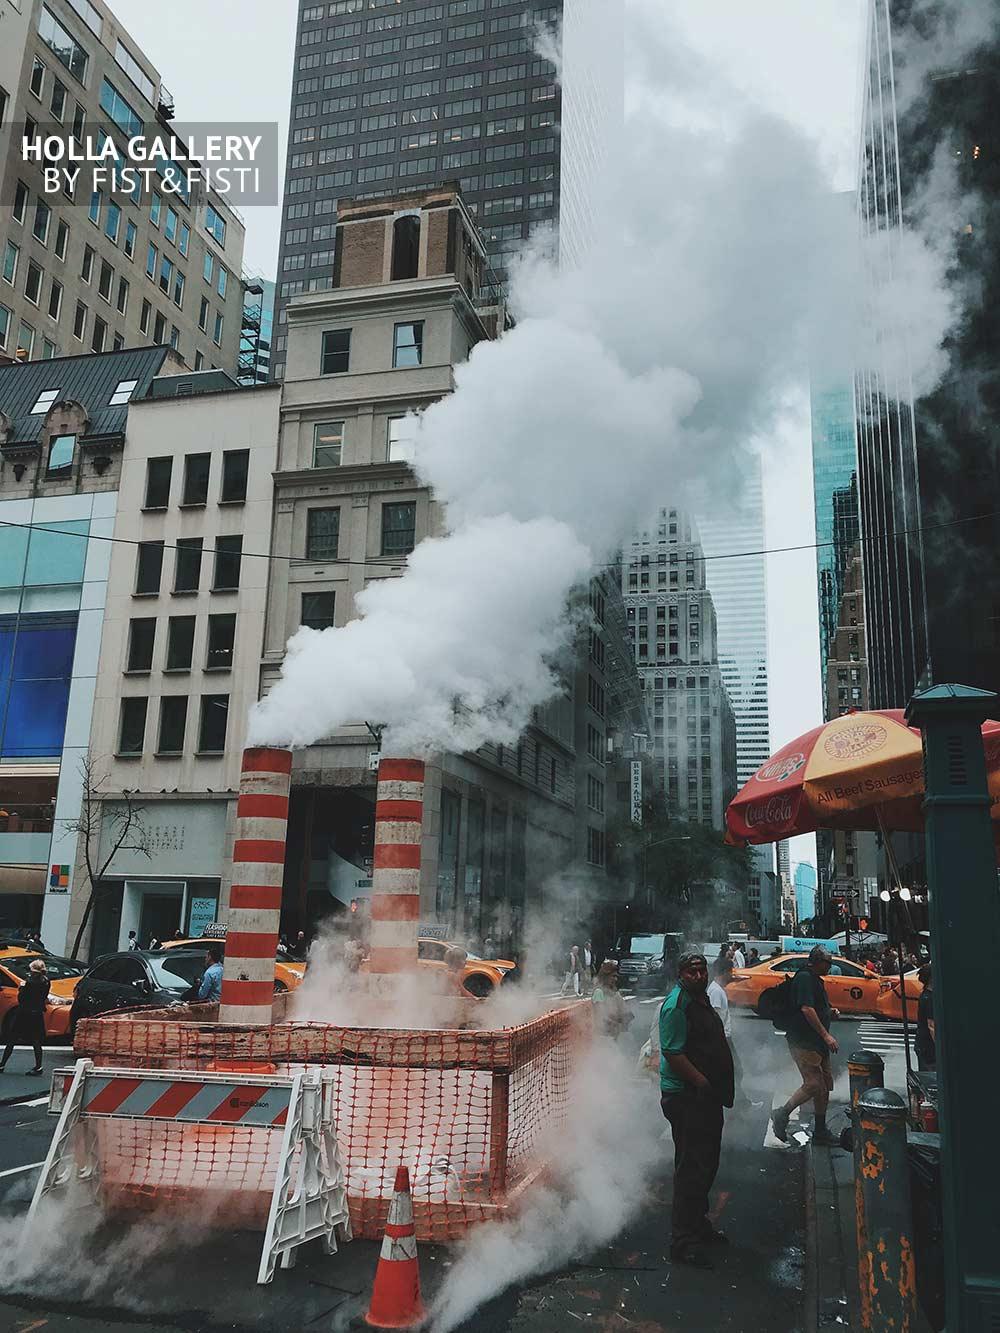 Дорожные работы посреди небоскребов в Нью-Йорке. Пар из труб и ограждения